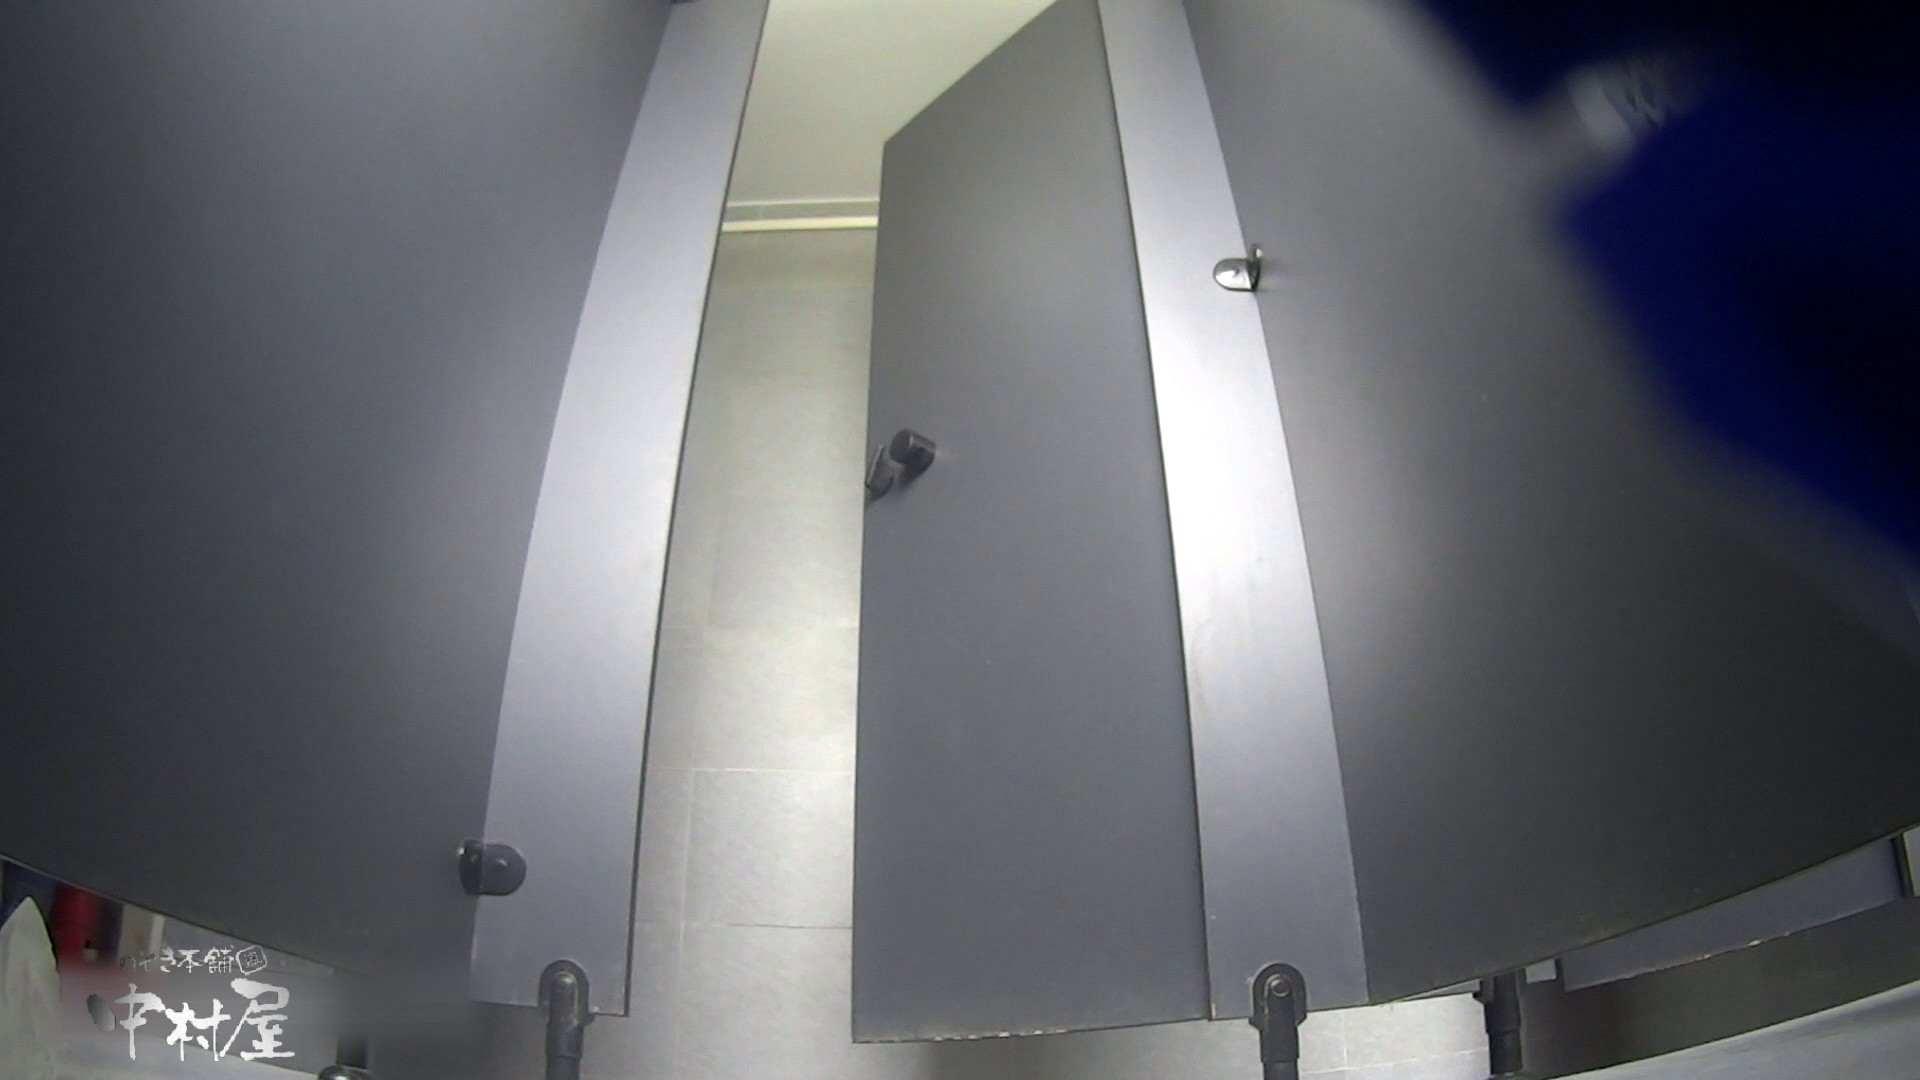 ツンデレお女市さんのトイレ事情 大学休憩時間の洗面所事情32 美女丸裸  76pic 40